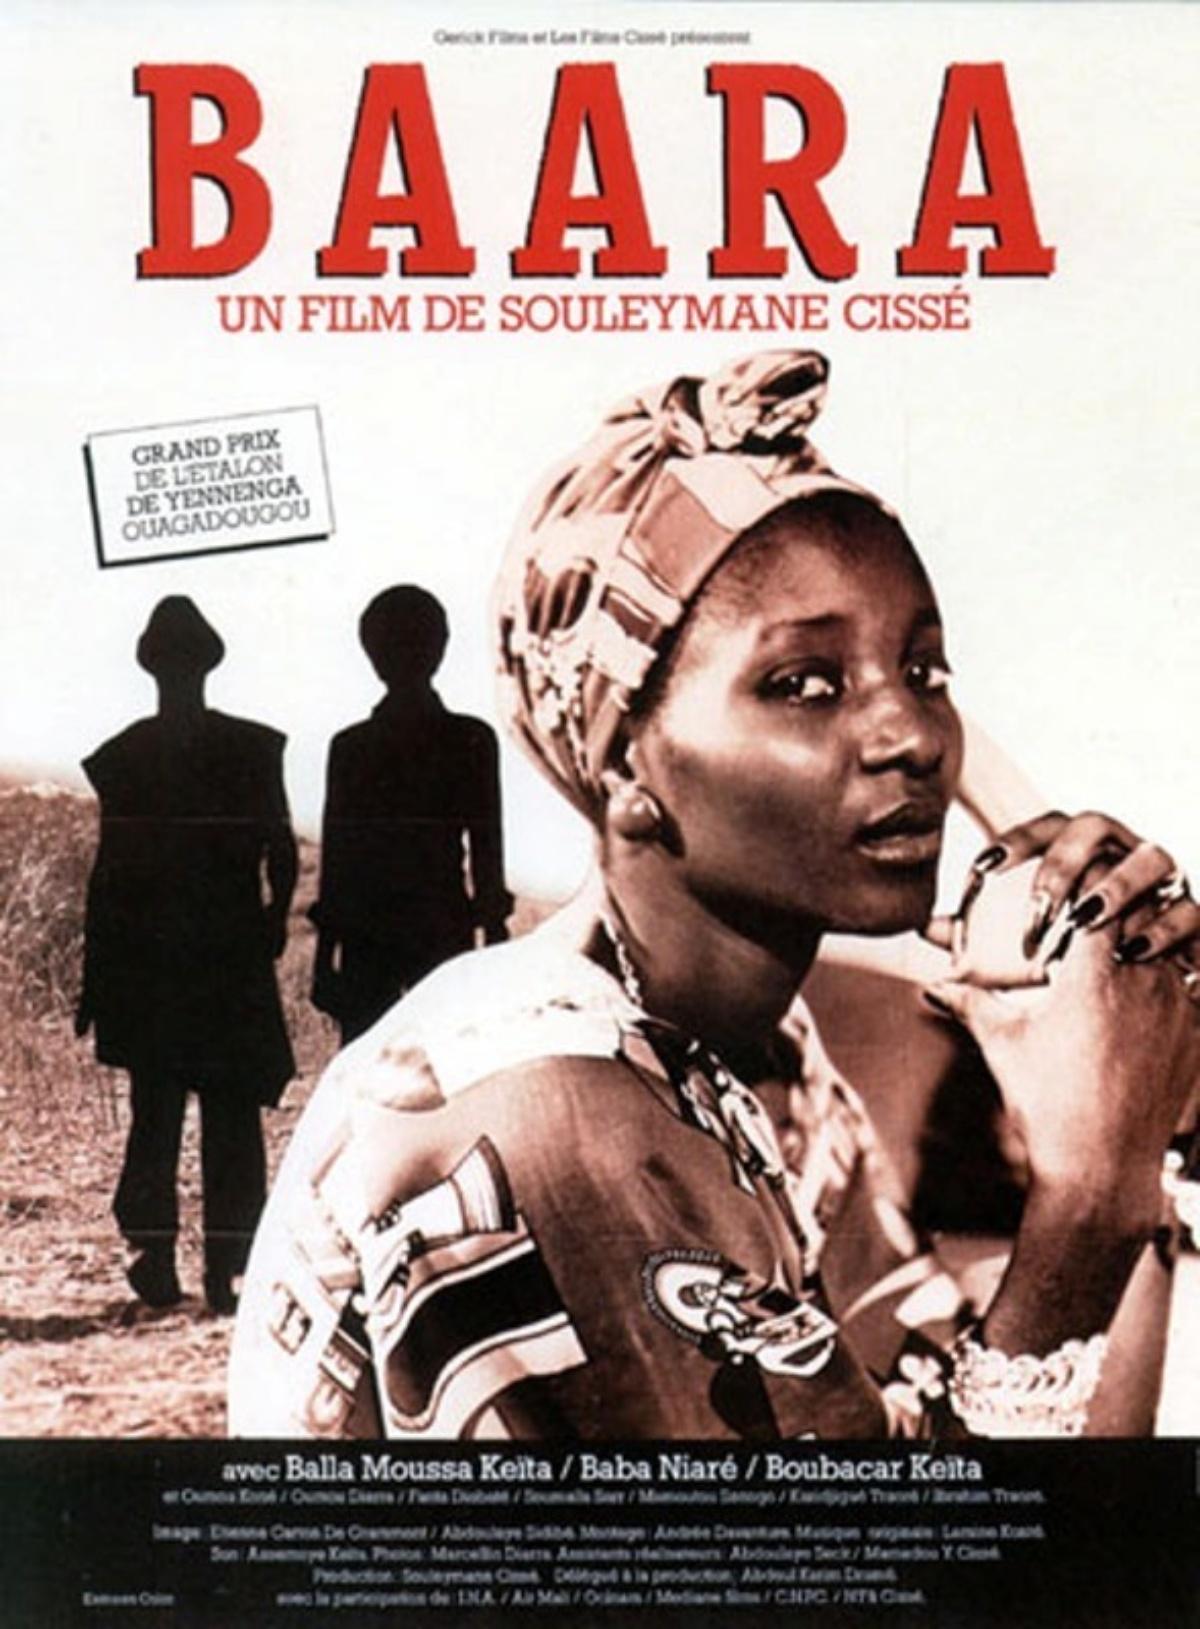 Baara film poster